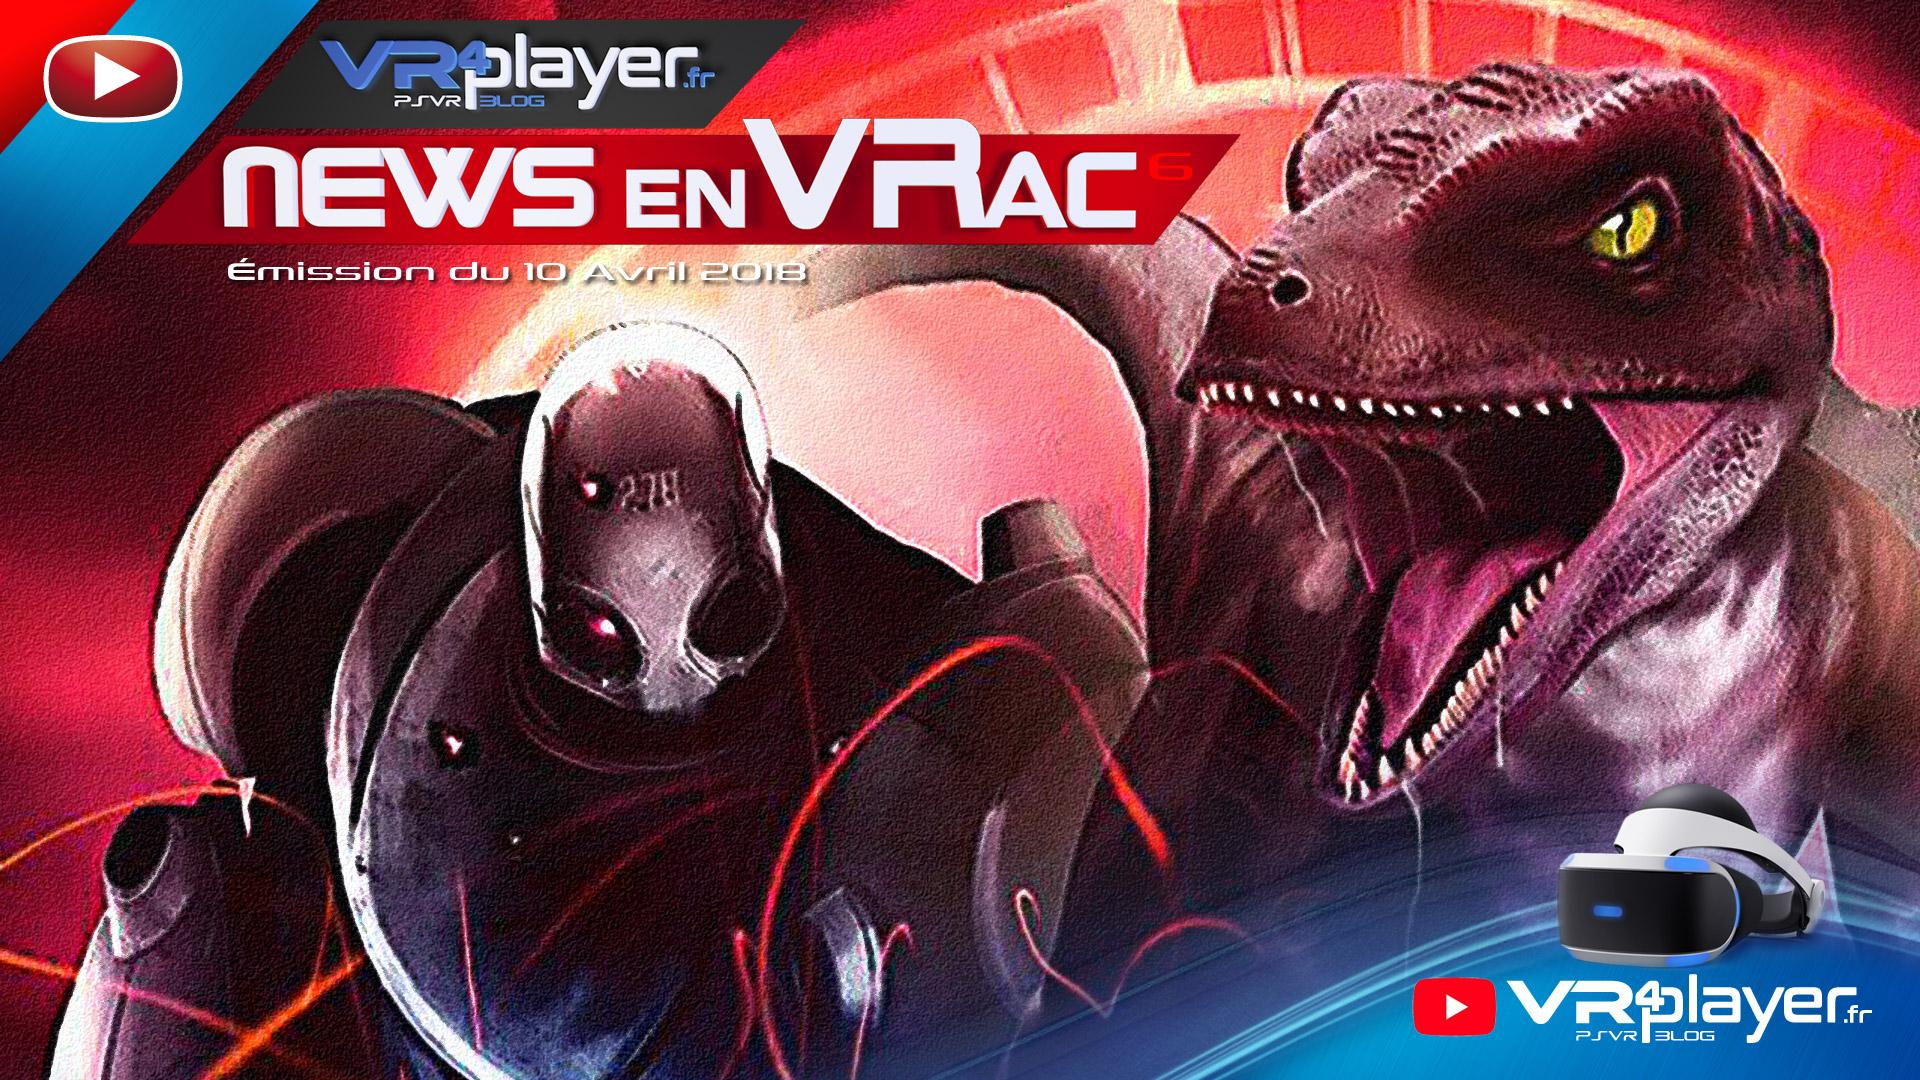 Les News en VRac, l'émission hebdomadaire sur l'actu de la VR et du PlayStation VR avec VR4Player